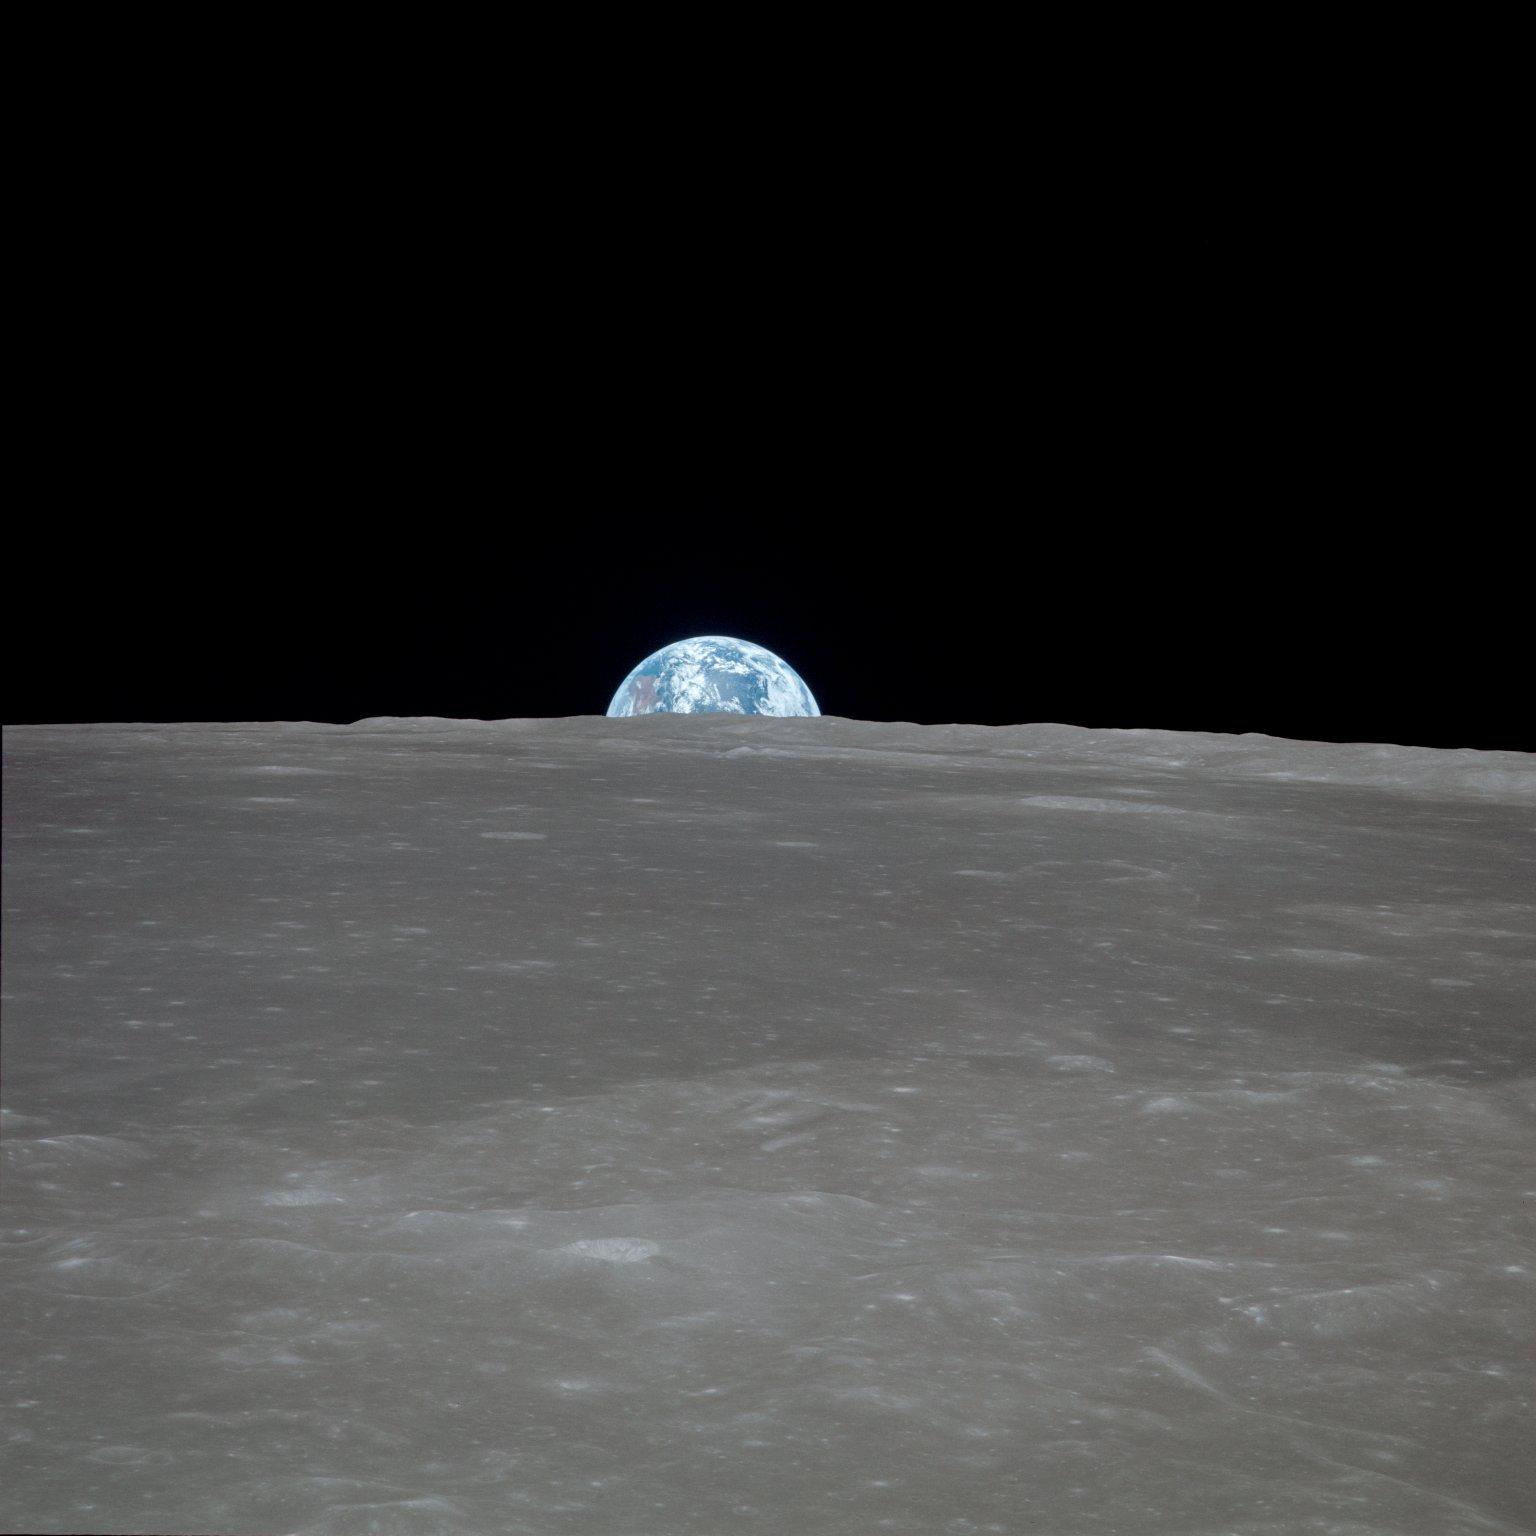 Morze Smytha - Apollo 11